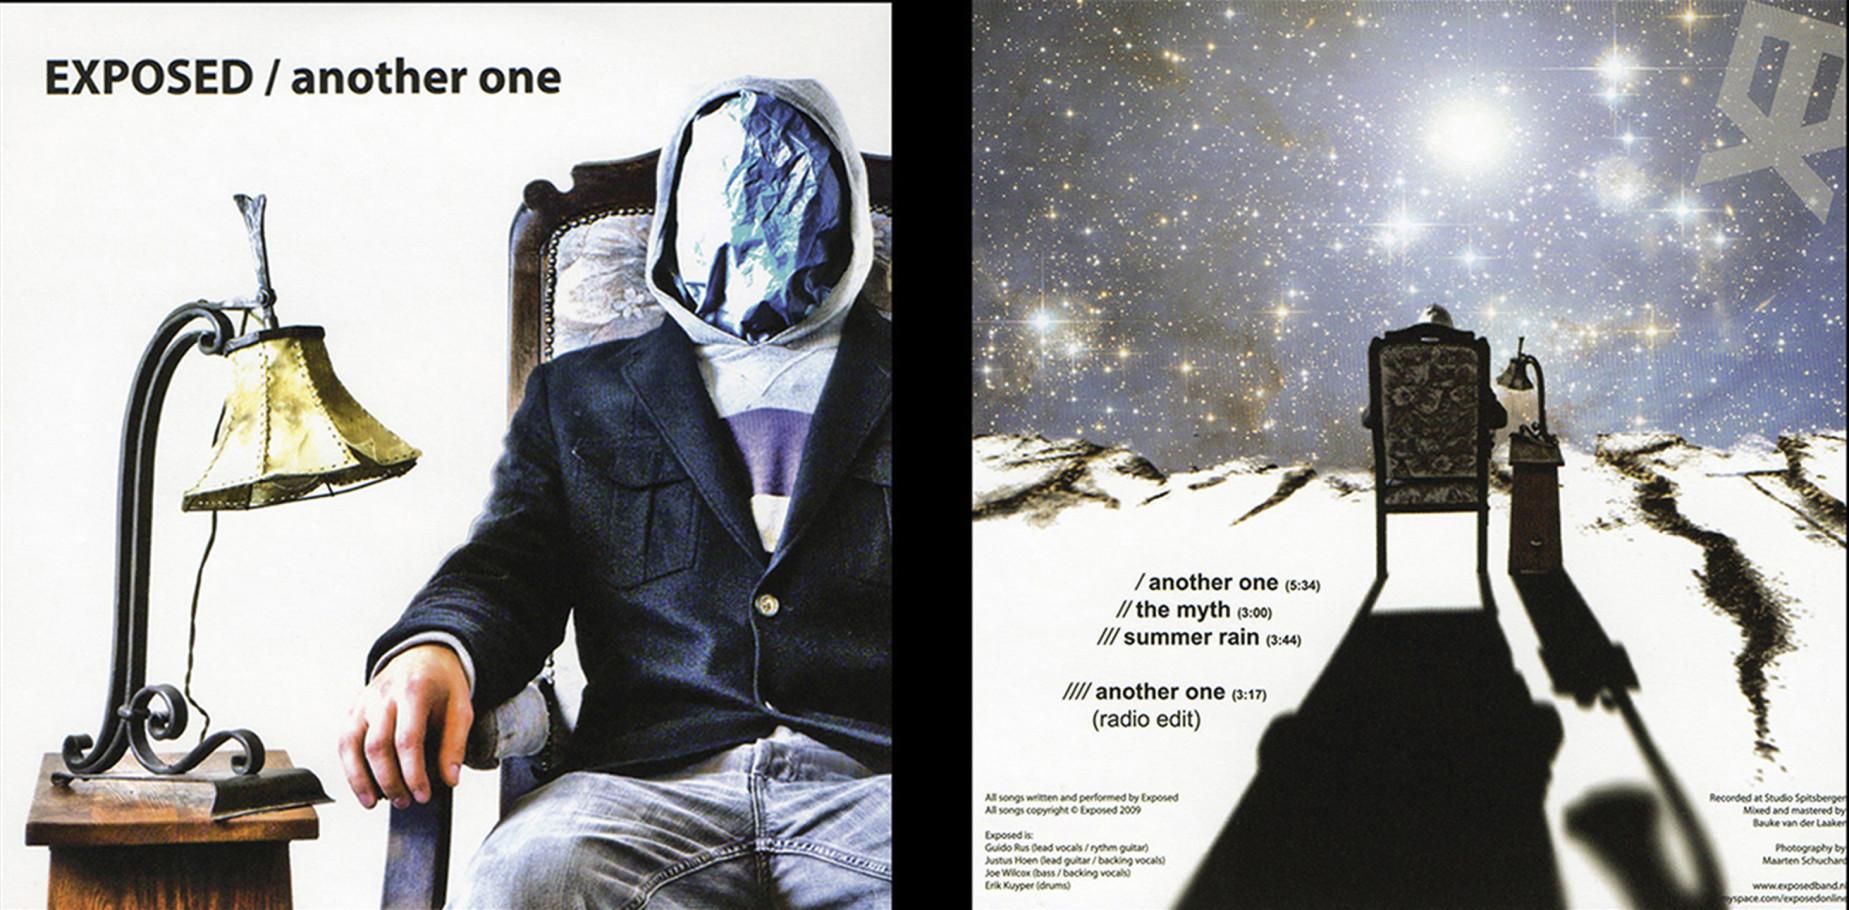 Exposed - Album art - 2010